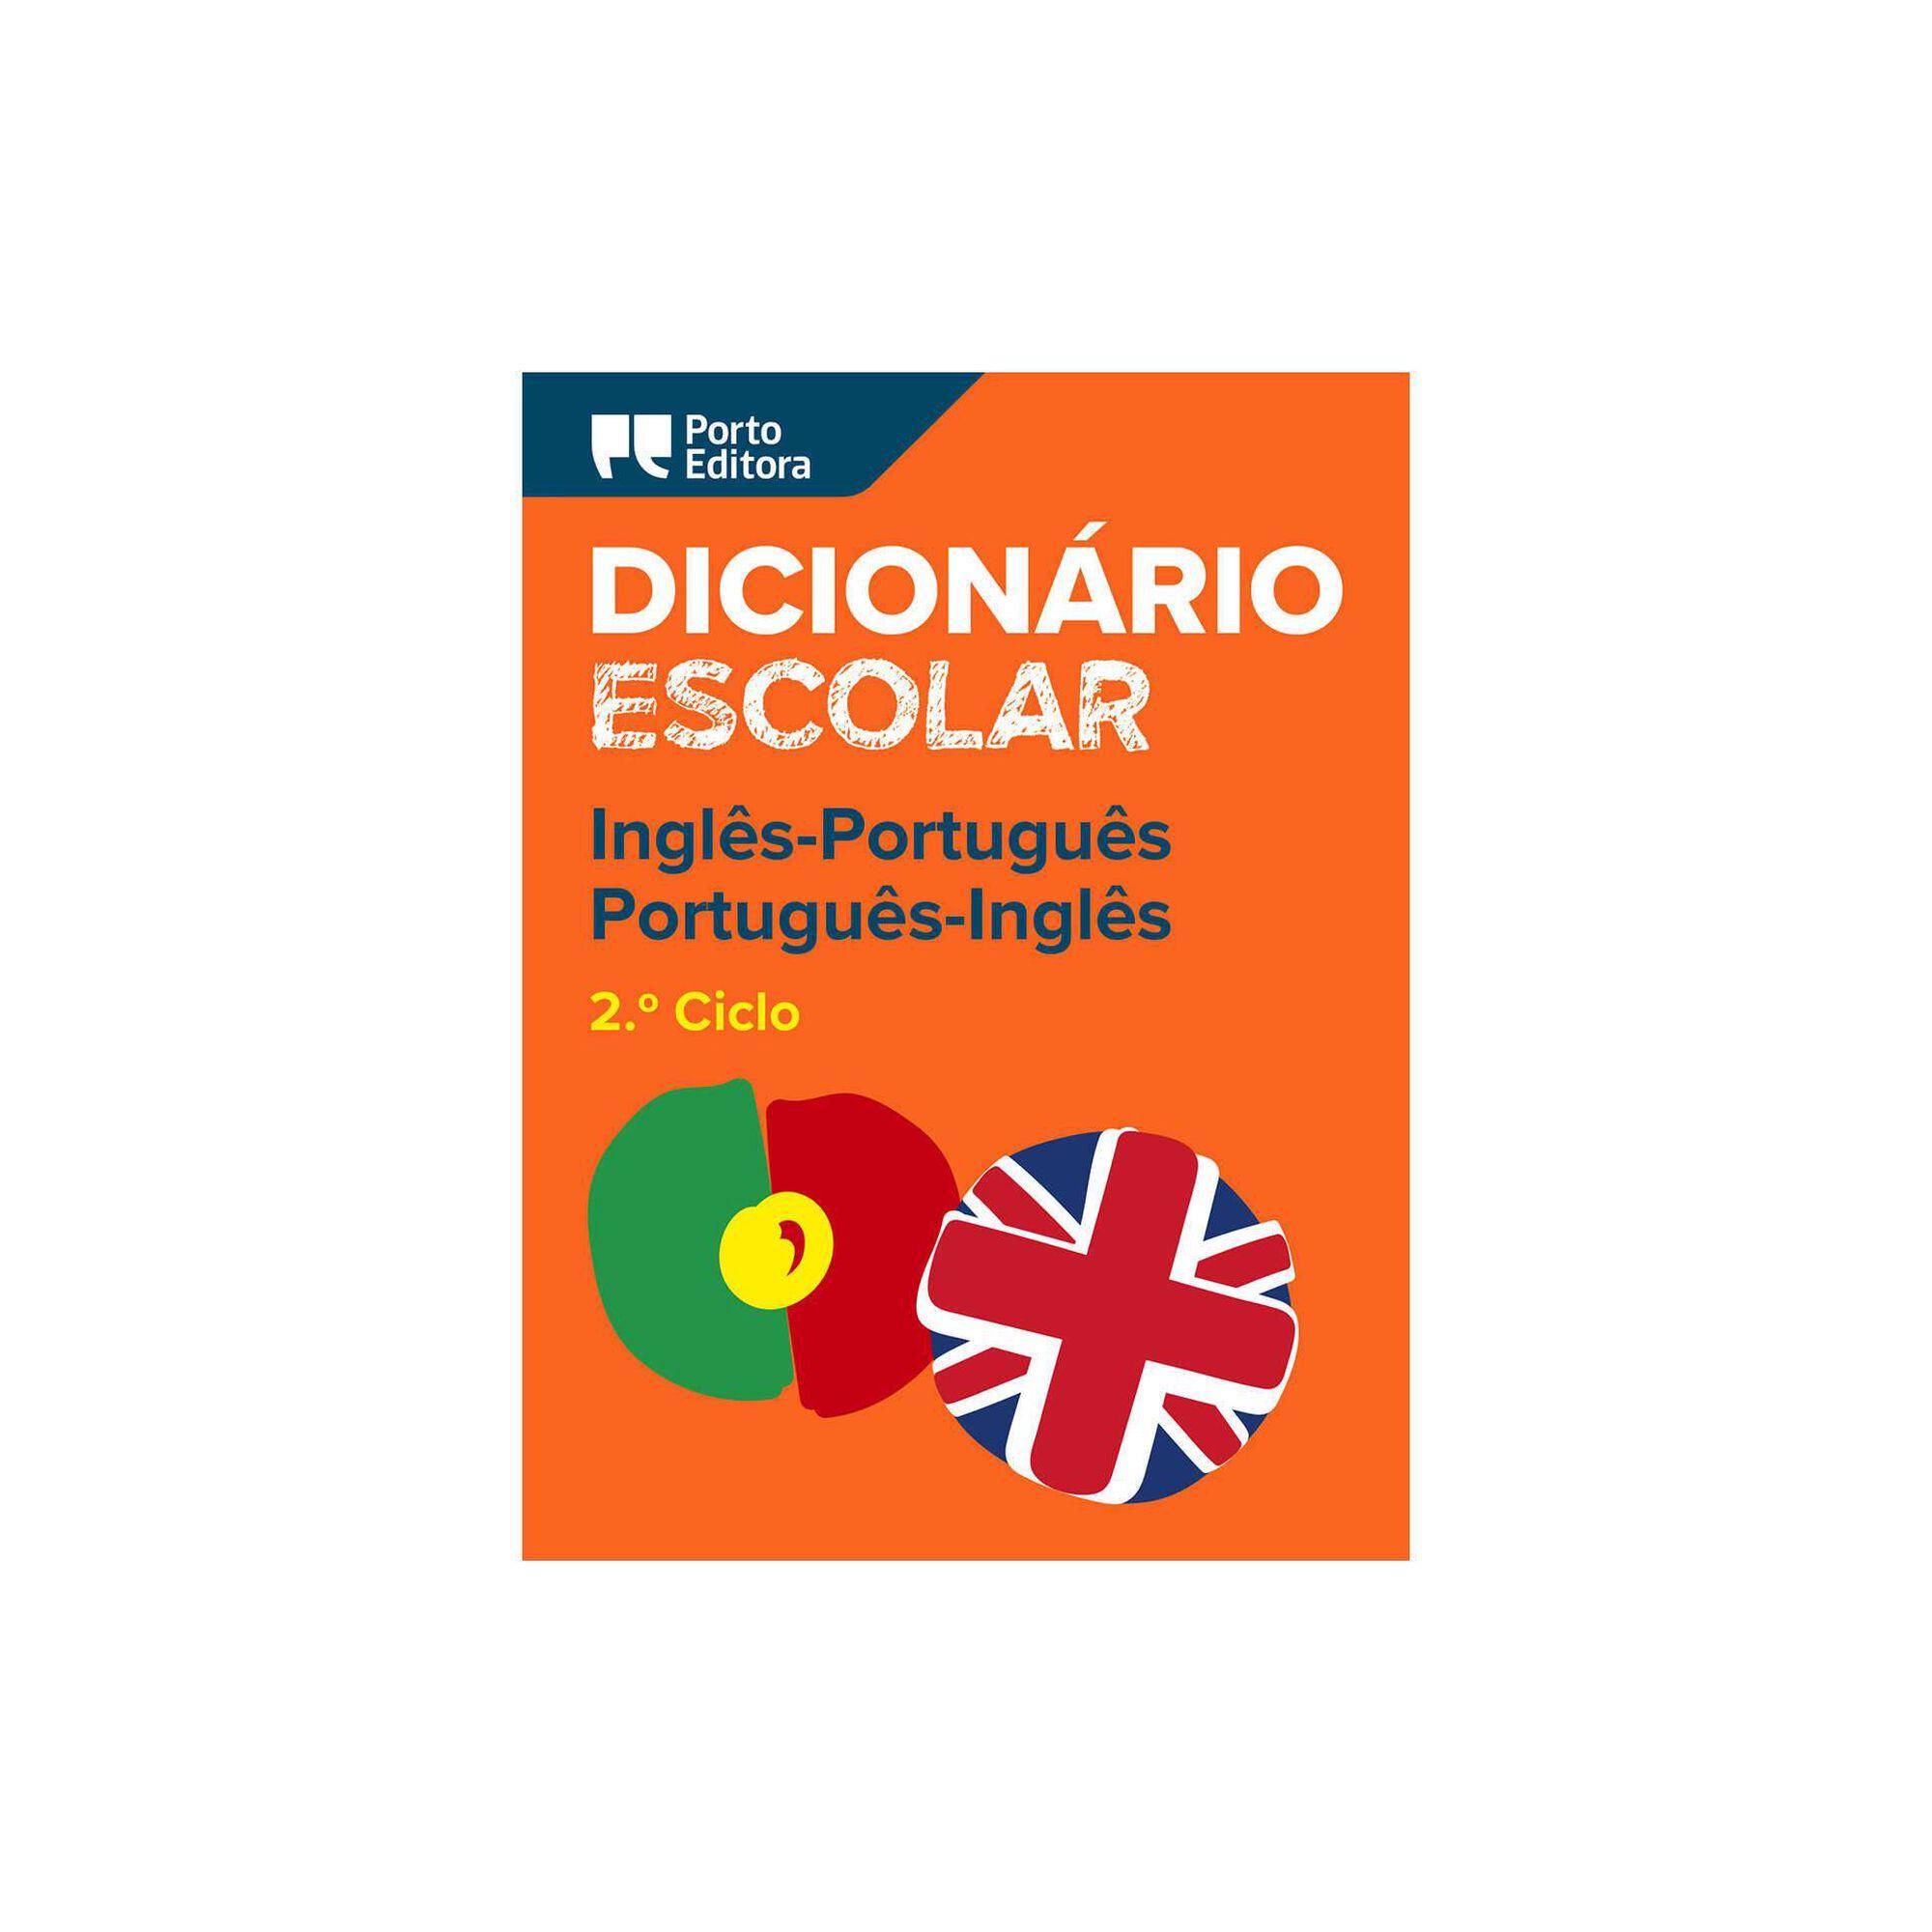 Dicionário Escolar de Inglês-Português/Português-Inglês - 7º, 8º e 9º Ano, , hi-res